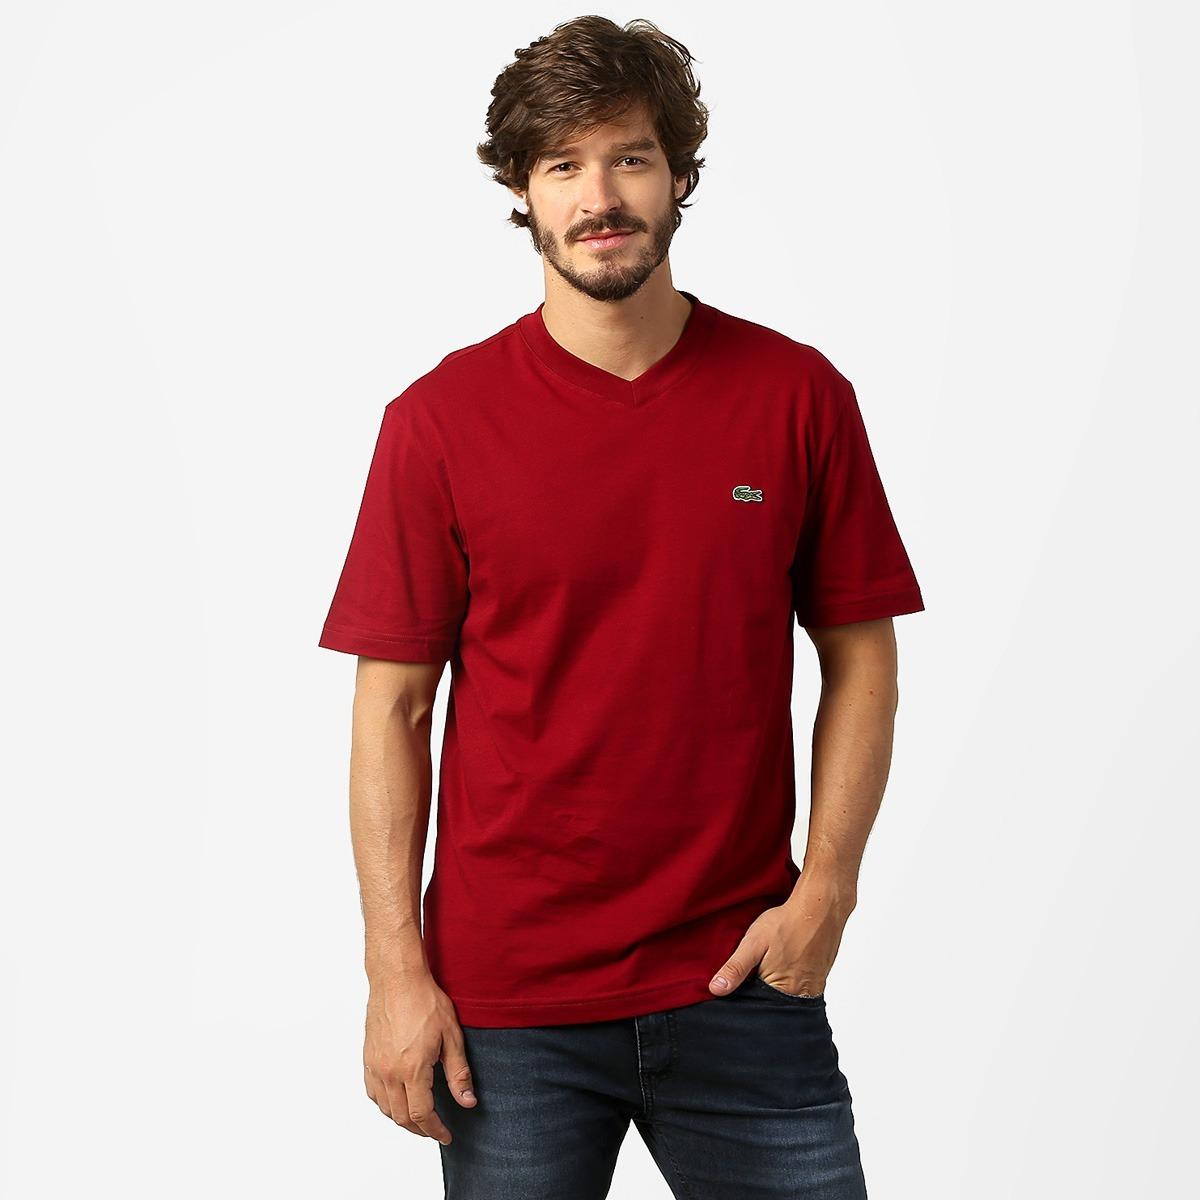 bea598f872b Camiseta Basica Lacoste Original Cotton Pima Peruana - R  120